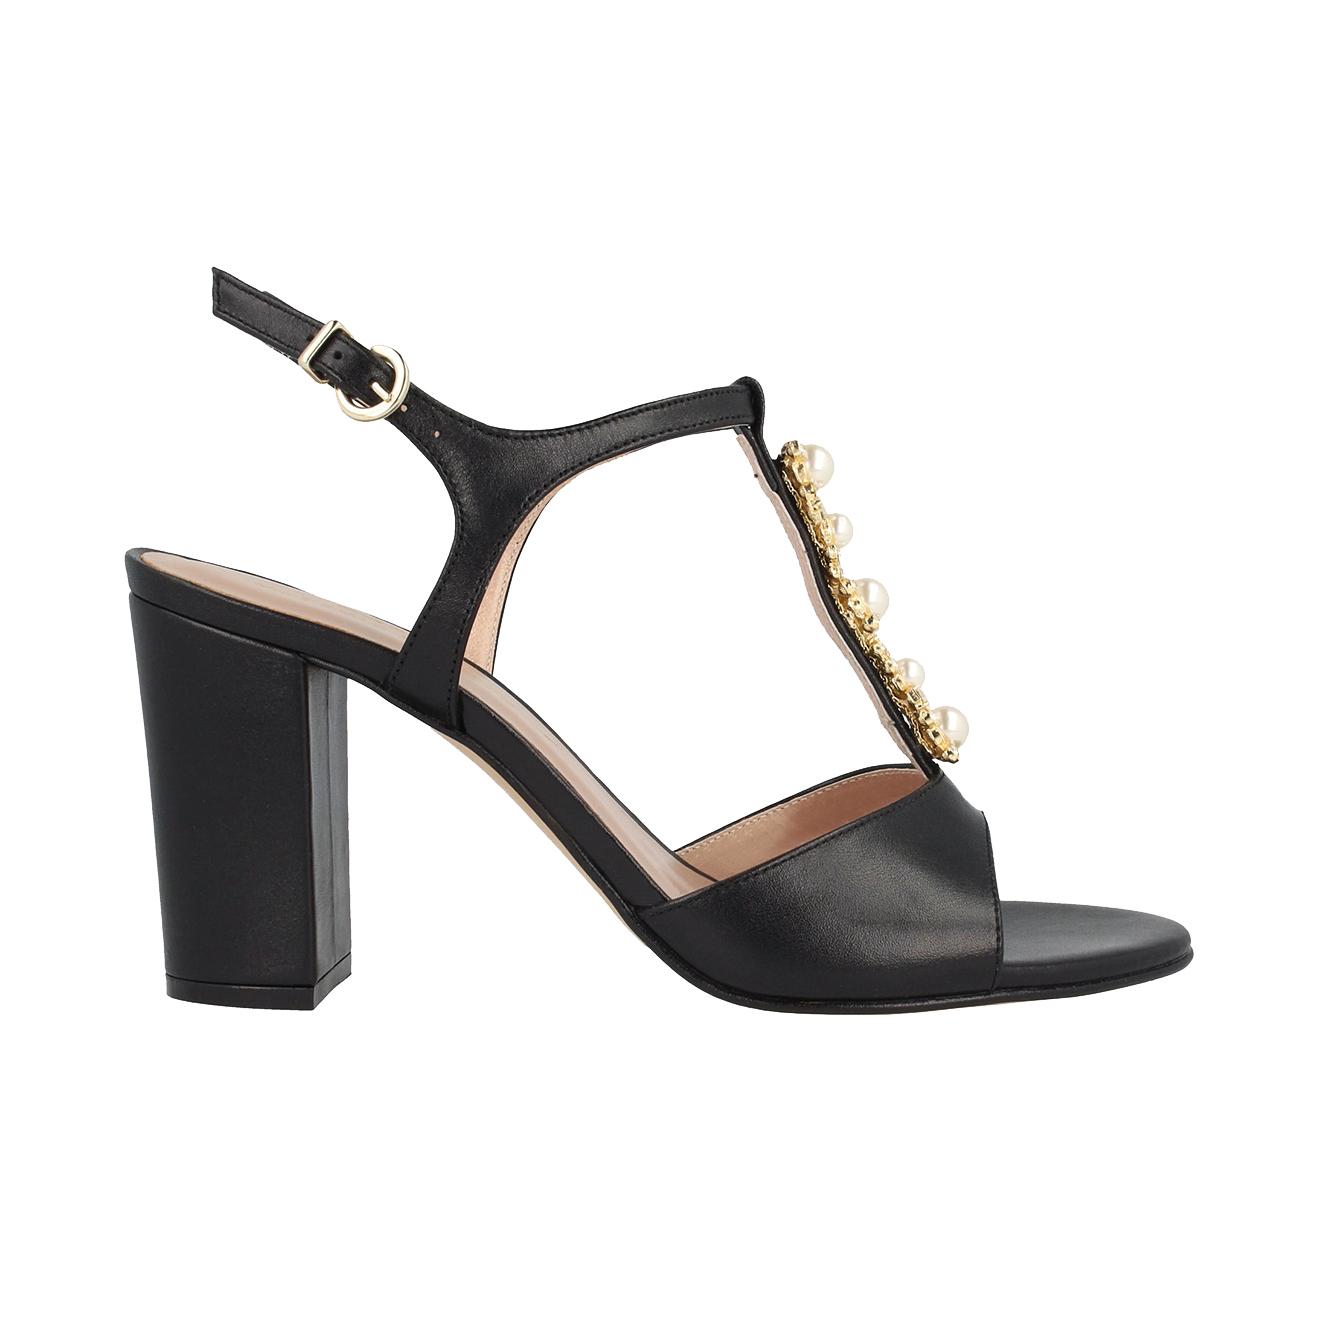 Sandales en cuir  noires Talon 8 cm